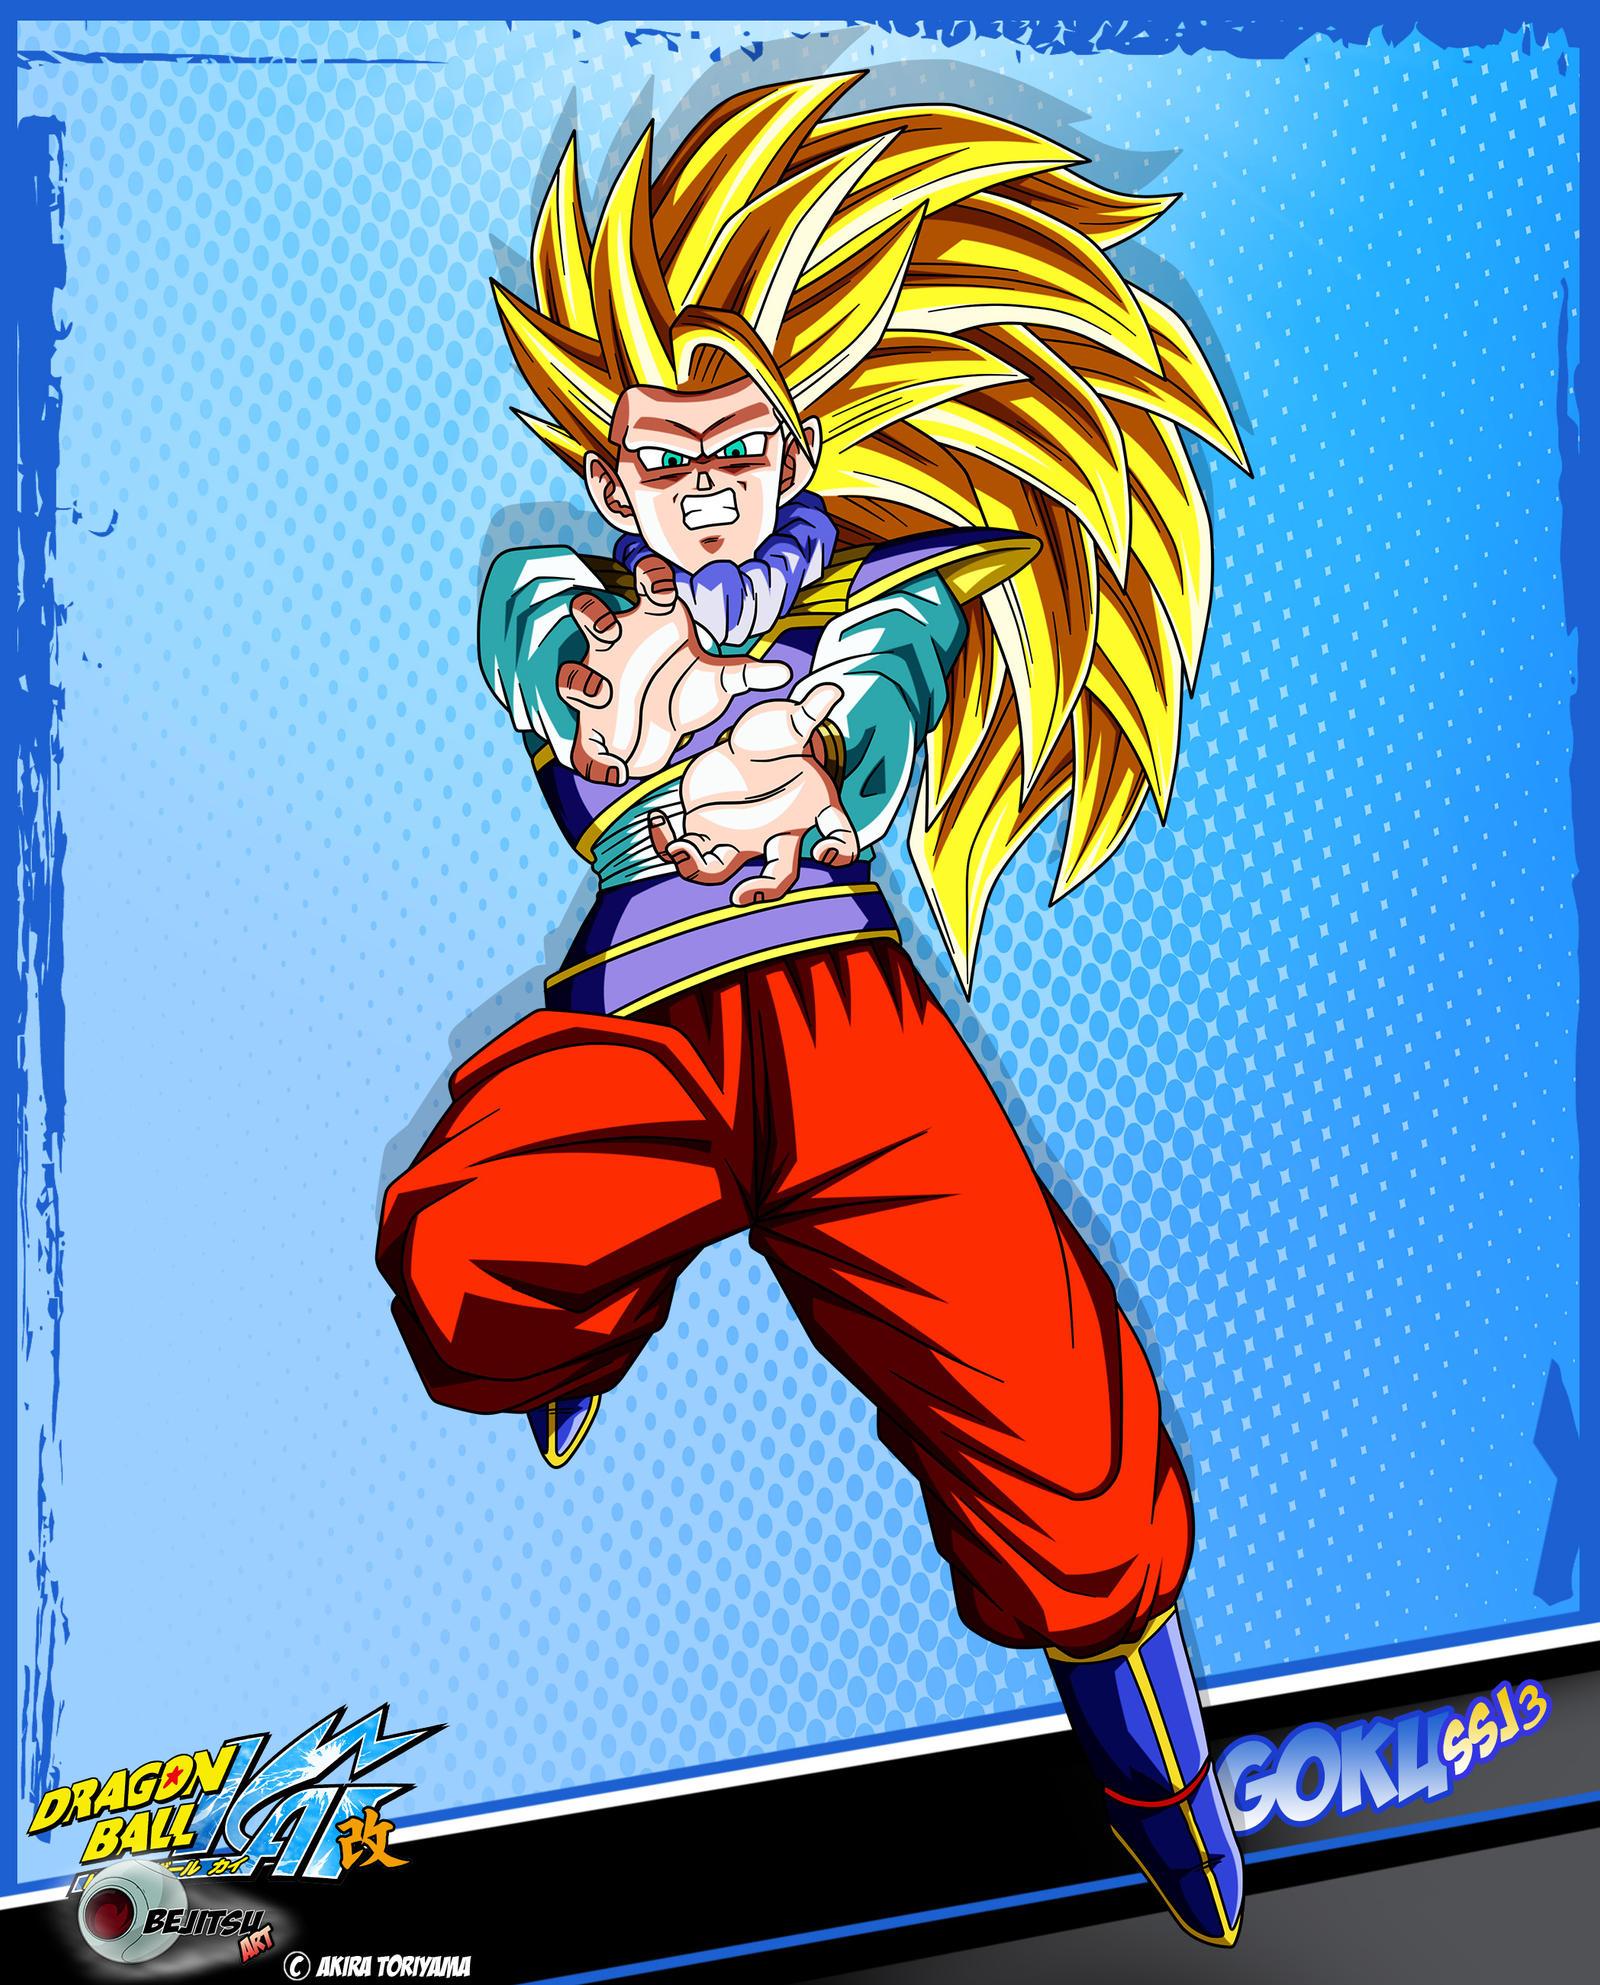 Dragon Ball Super Episode 66 Dubbed - www10.dbzsuper.tv